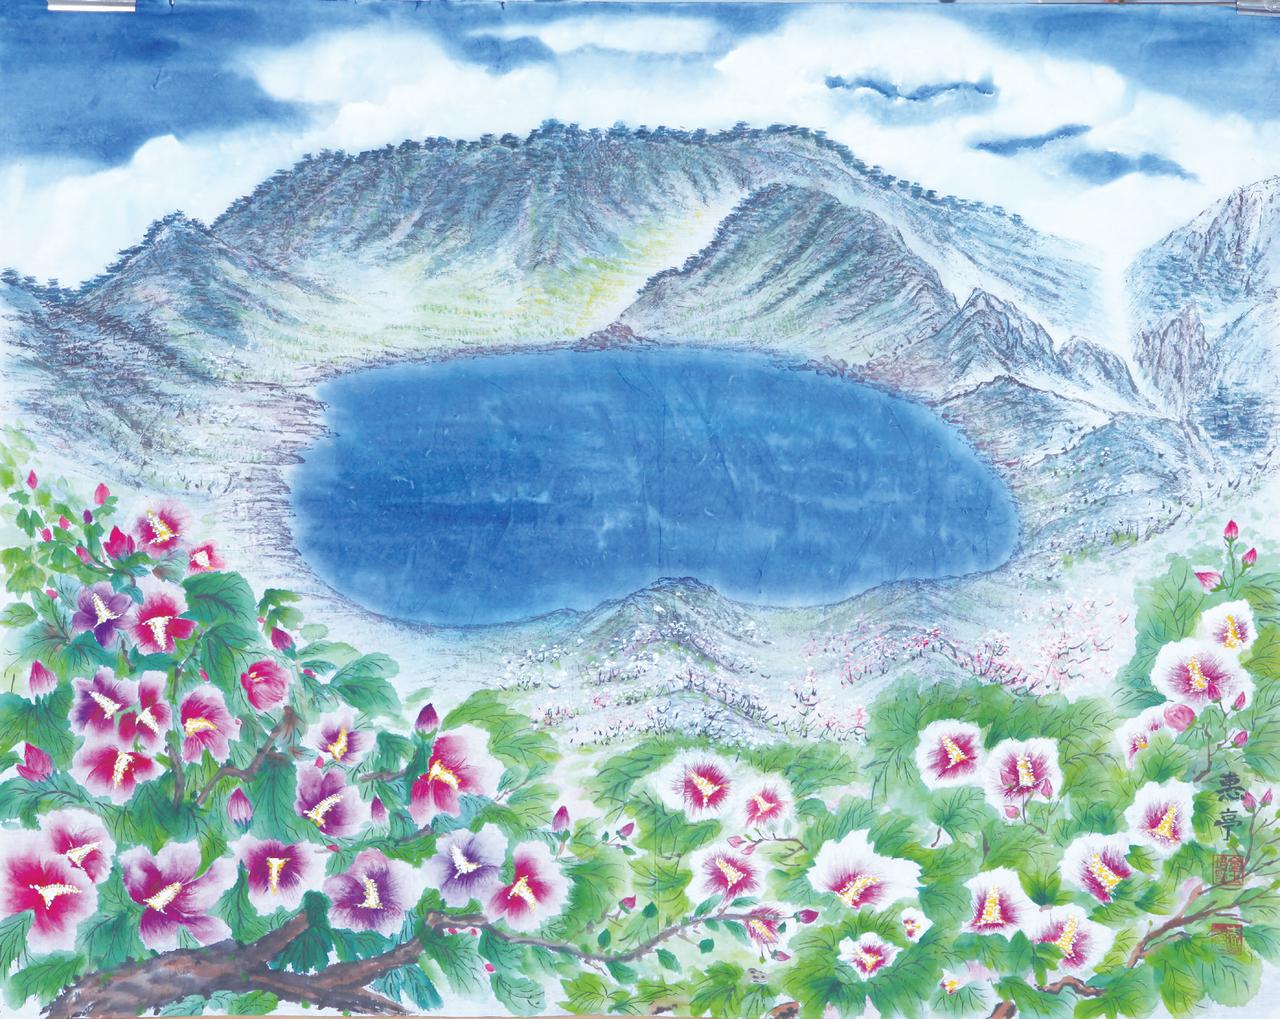 김옥배(한국화)-백두산 천지와 나라꽃 무궁화